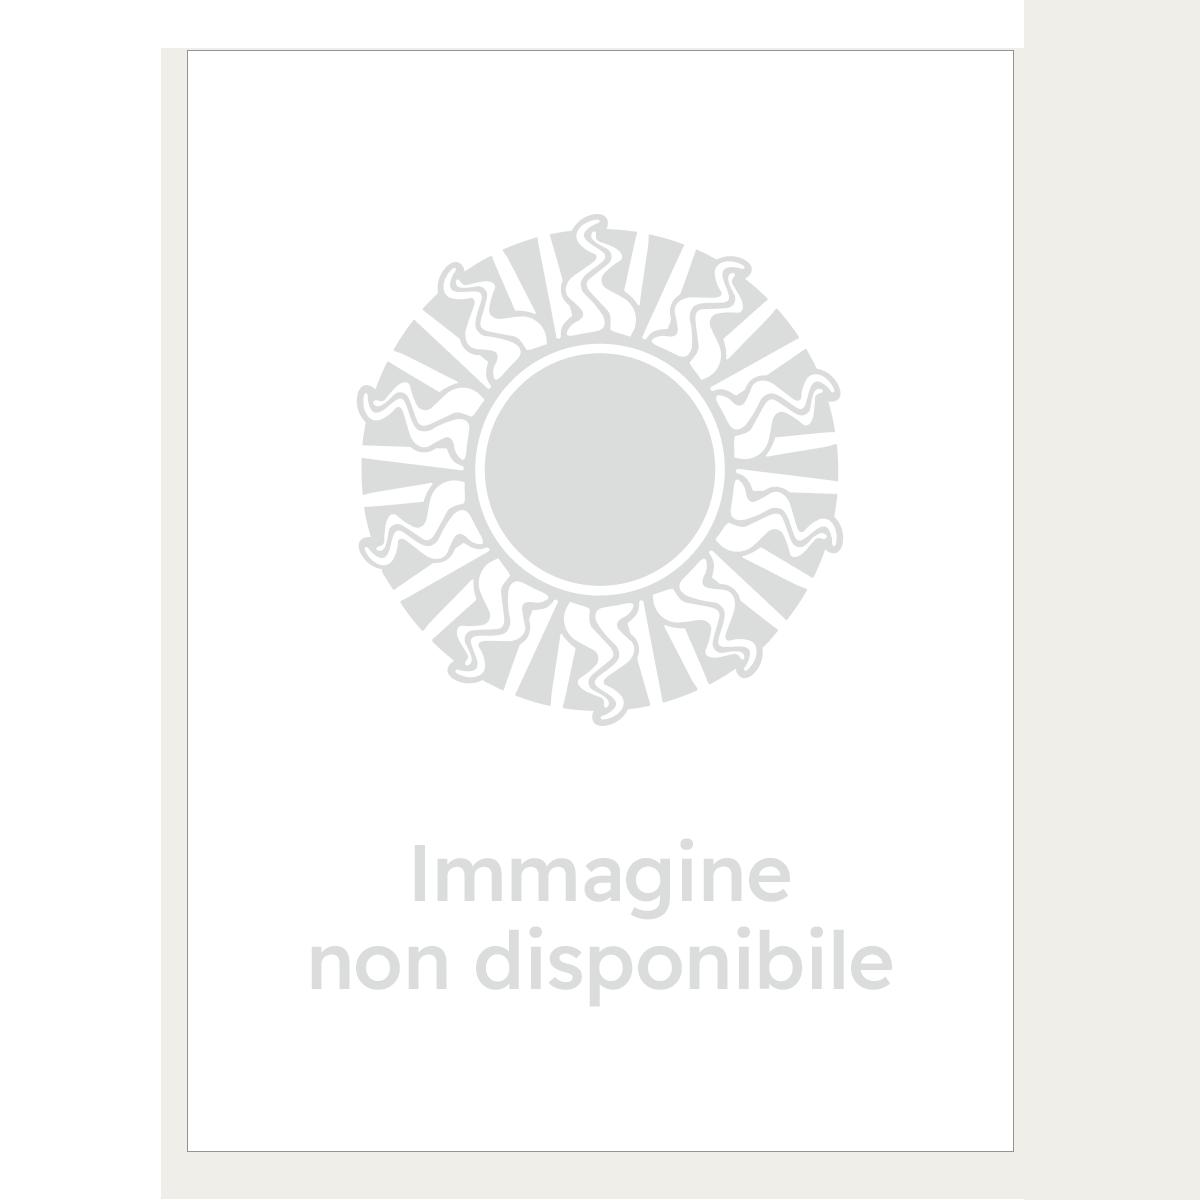 Cravatta Thot & Horus - sabbia